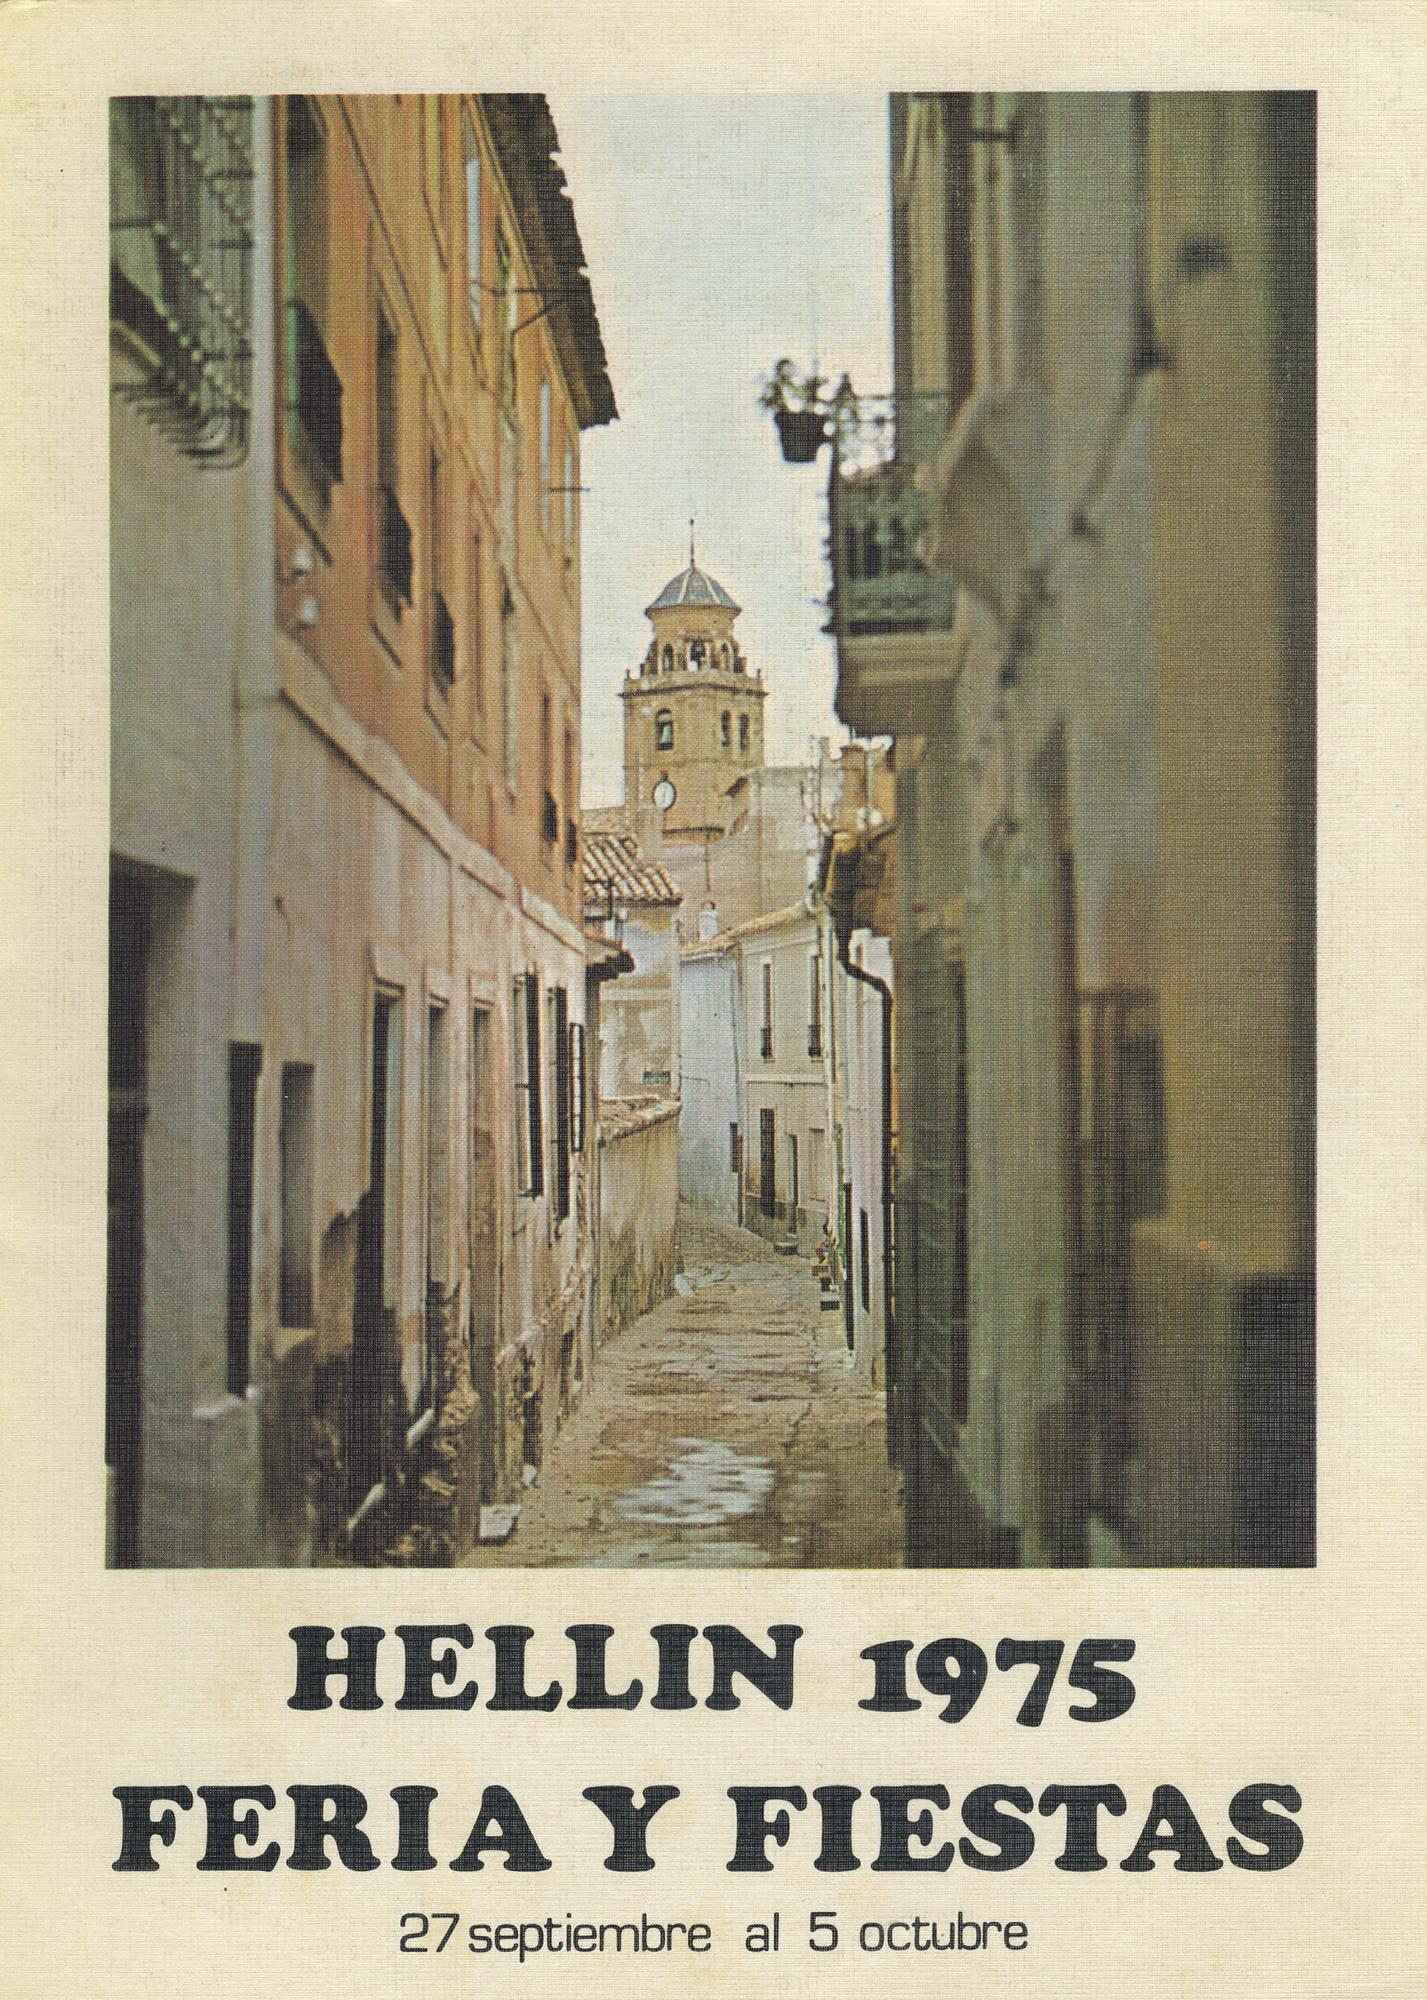 Programa de la Feria de Hellín - 1975